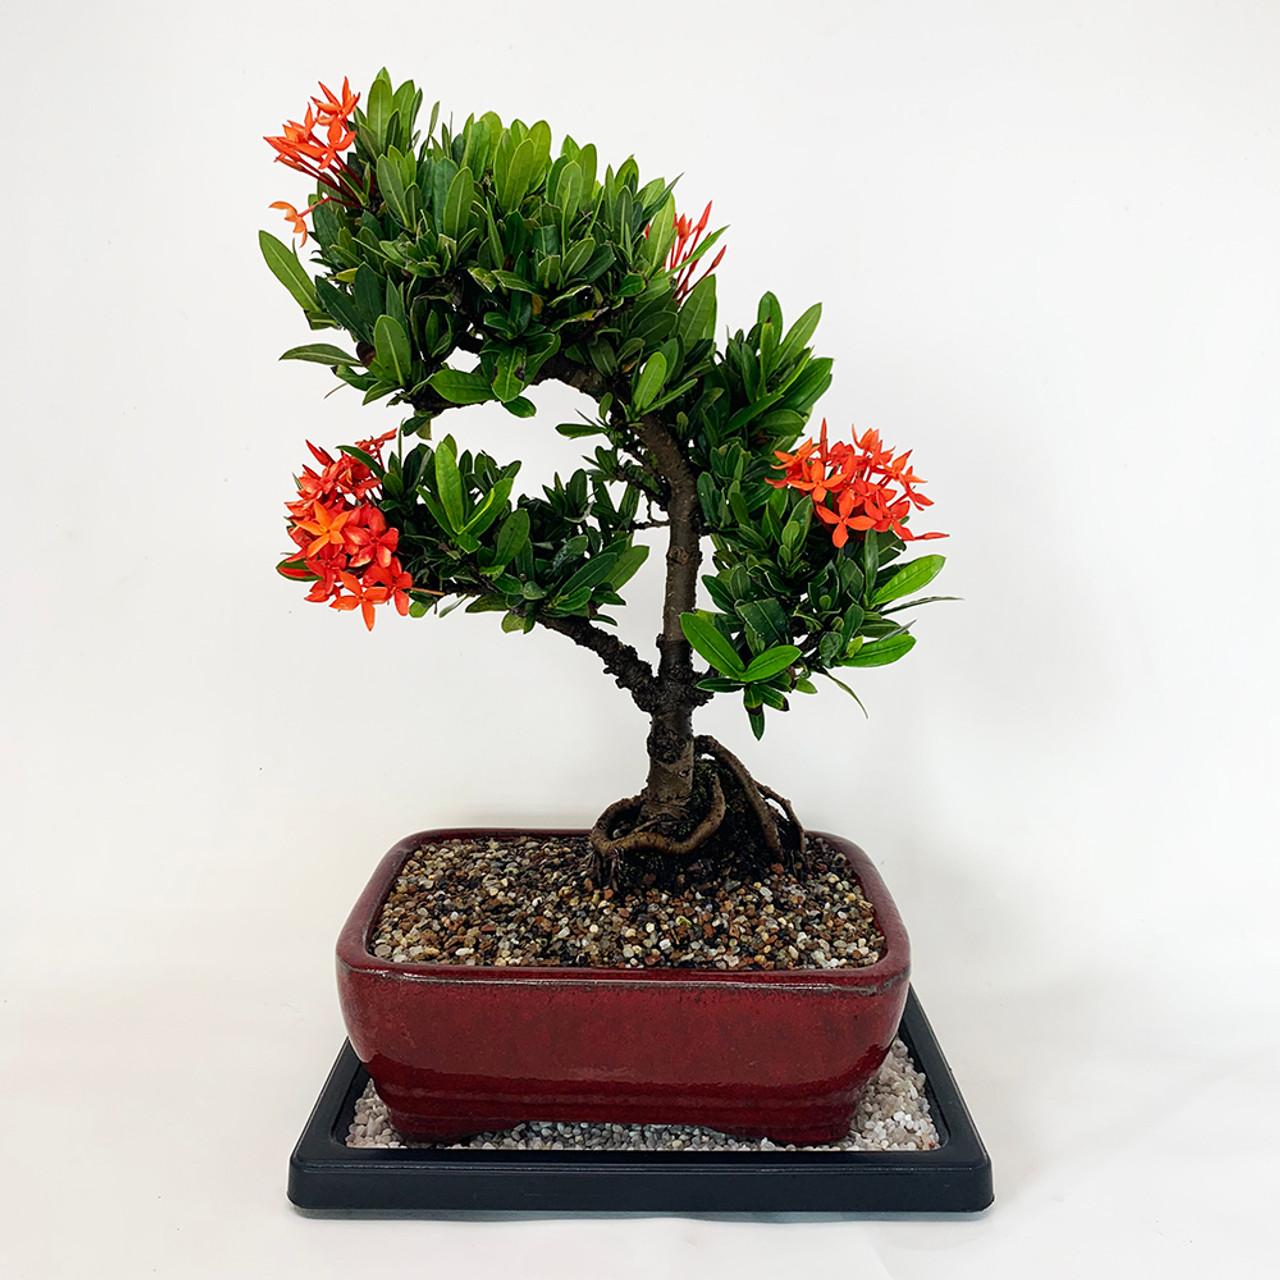 Dwarf Ixora Bonsai Tree Bonsai Outlet